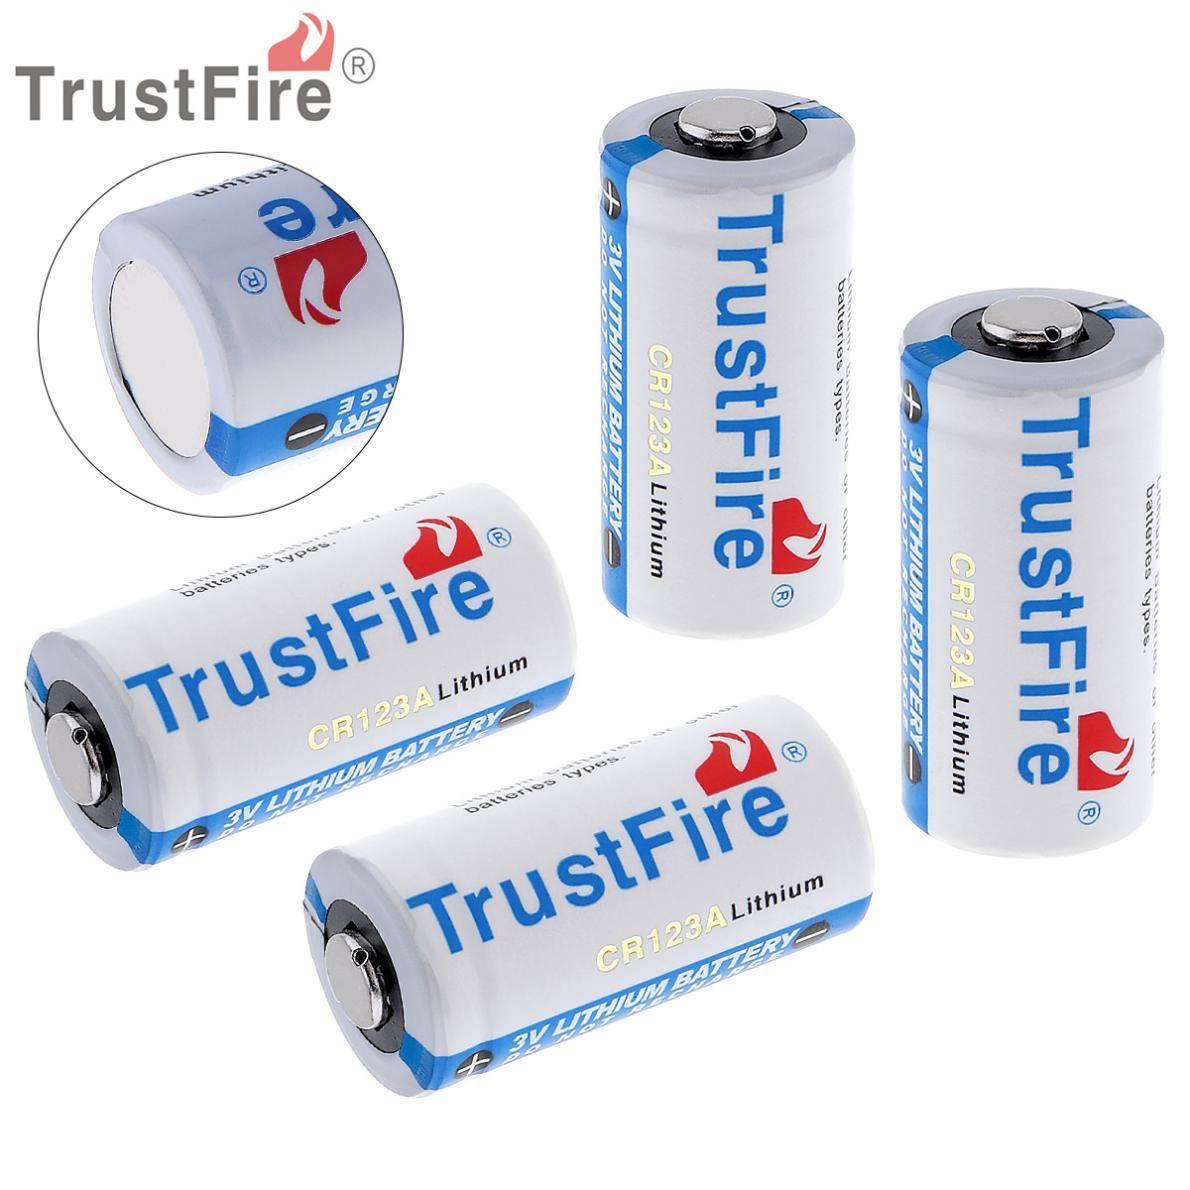 Trustfire 4 pièces haute qualité CR123A 16340 Lithium Li-ion batterie Trustfire 3 V 1400 mAh 16340 batteries